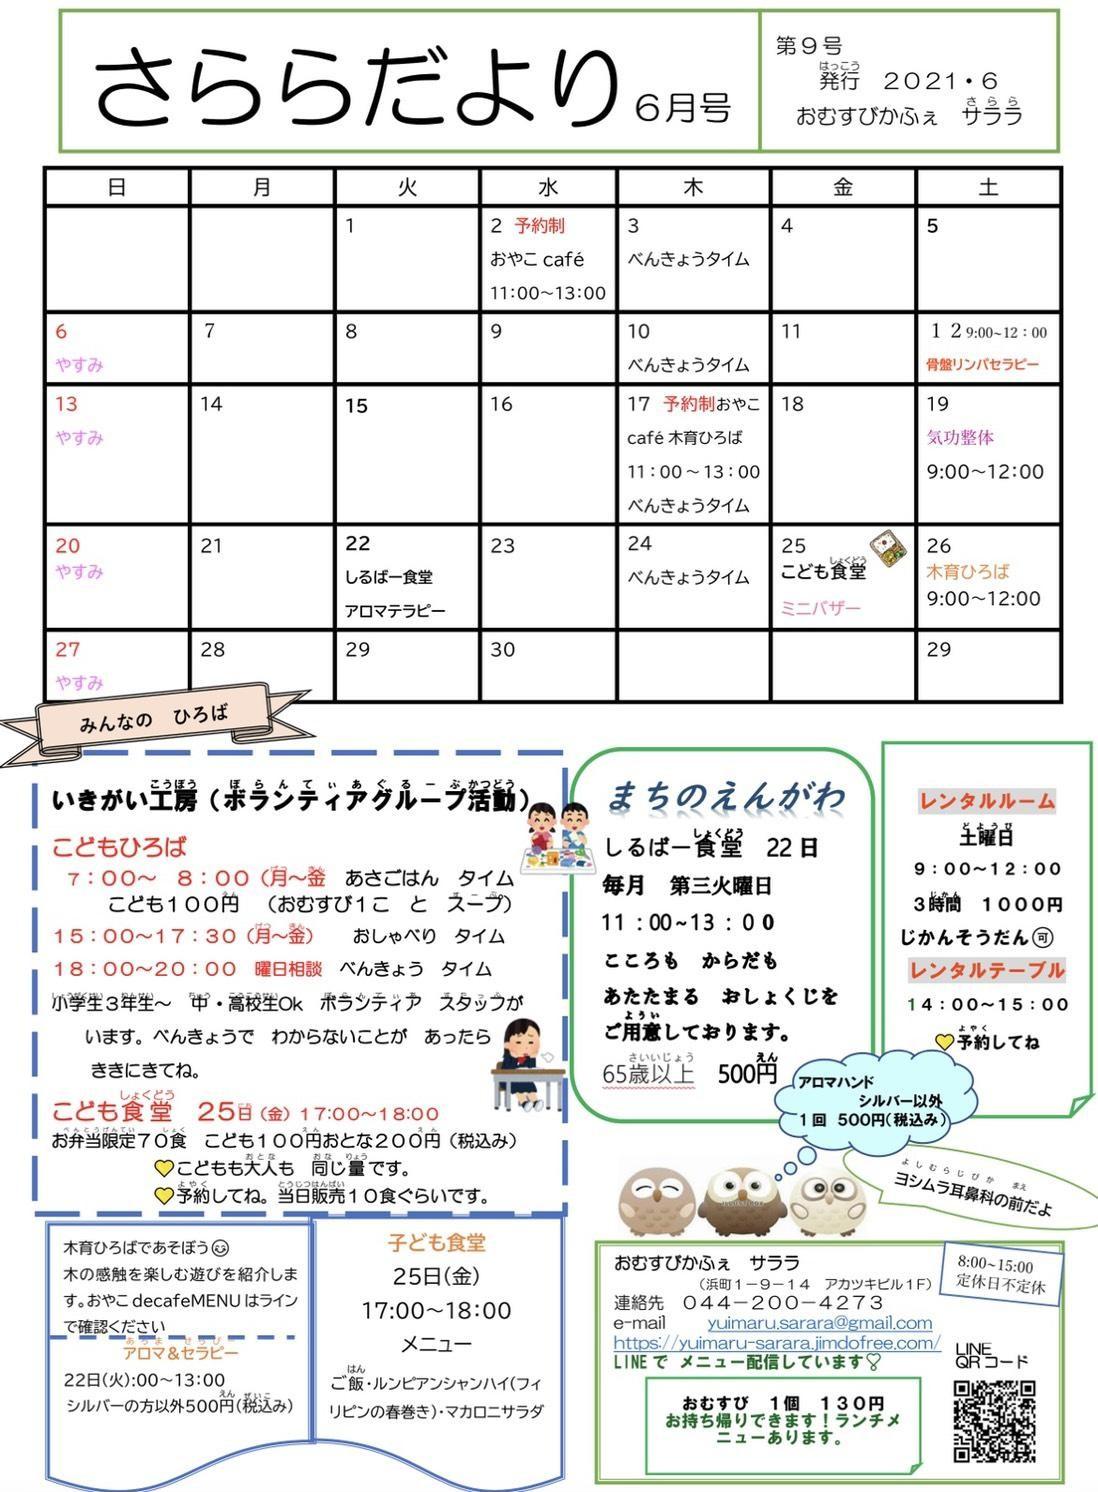 6月のカフェスケジュール。親子カフェの参加は予約制となっています